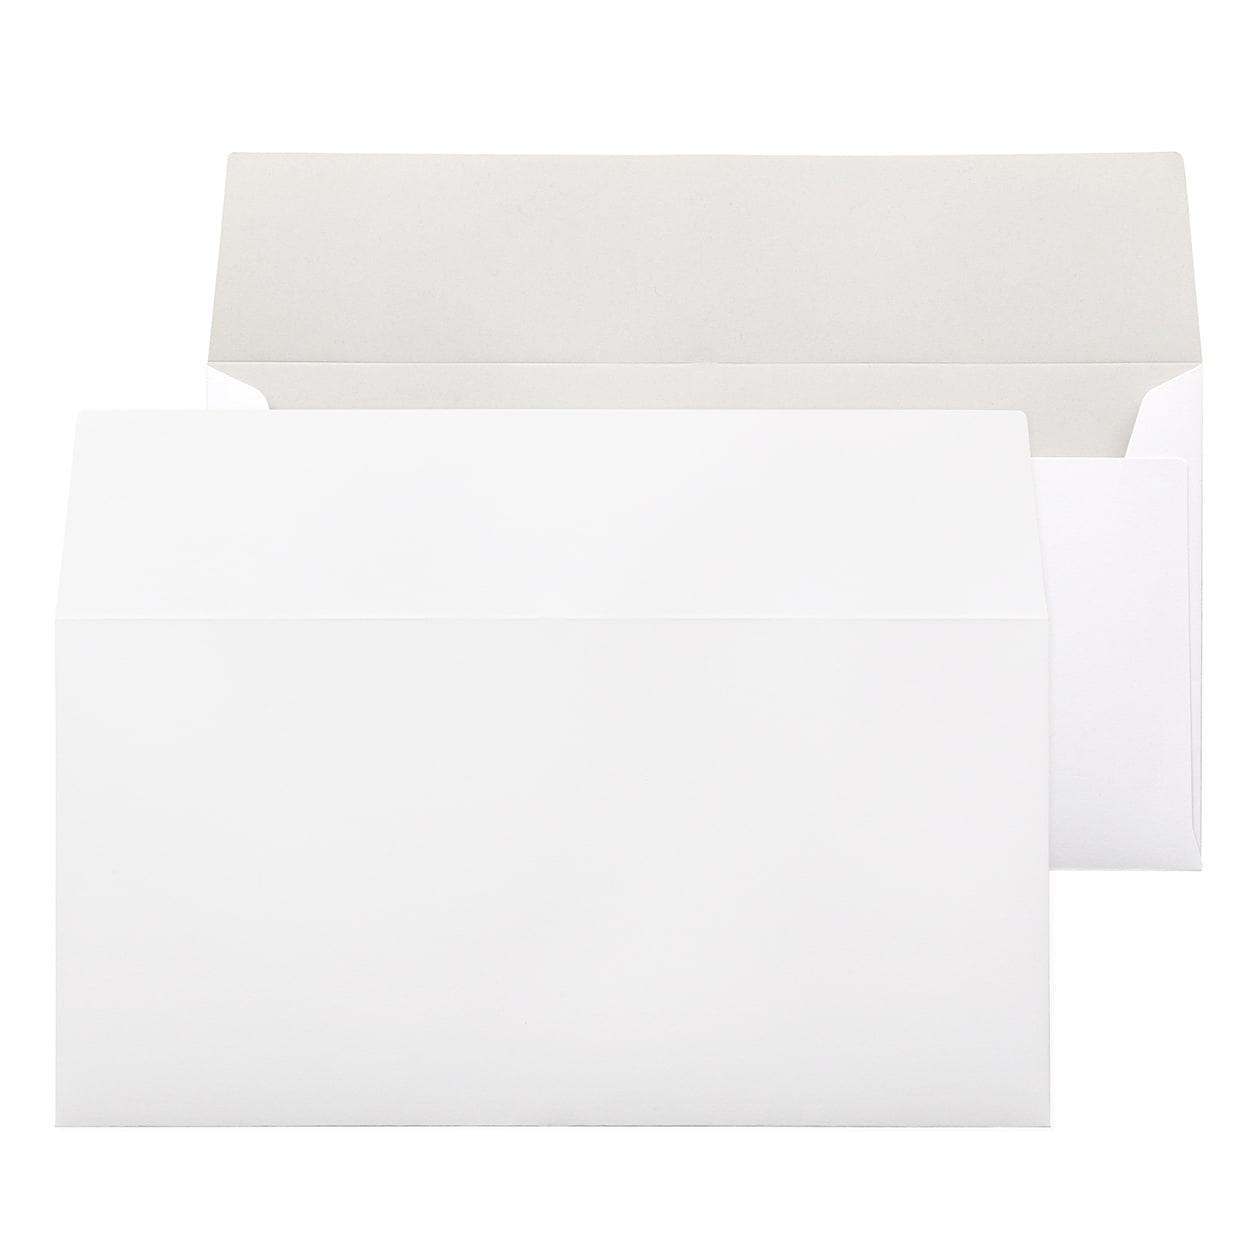 長3カマス封筒(フタ立て) コットンオペーク ホワイト 116.3g